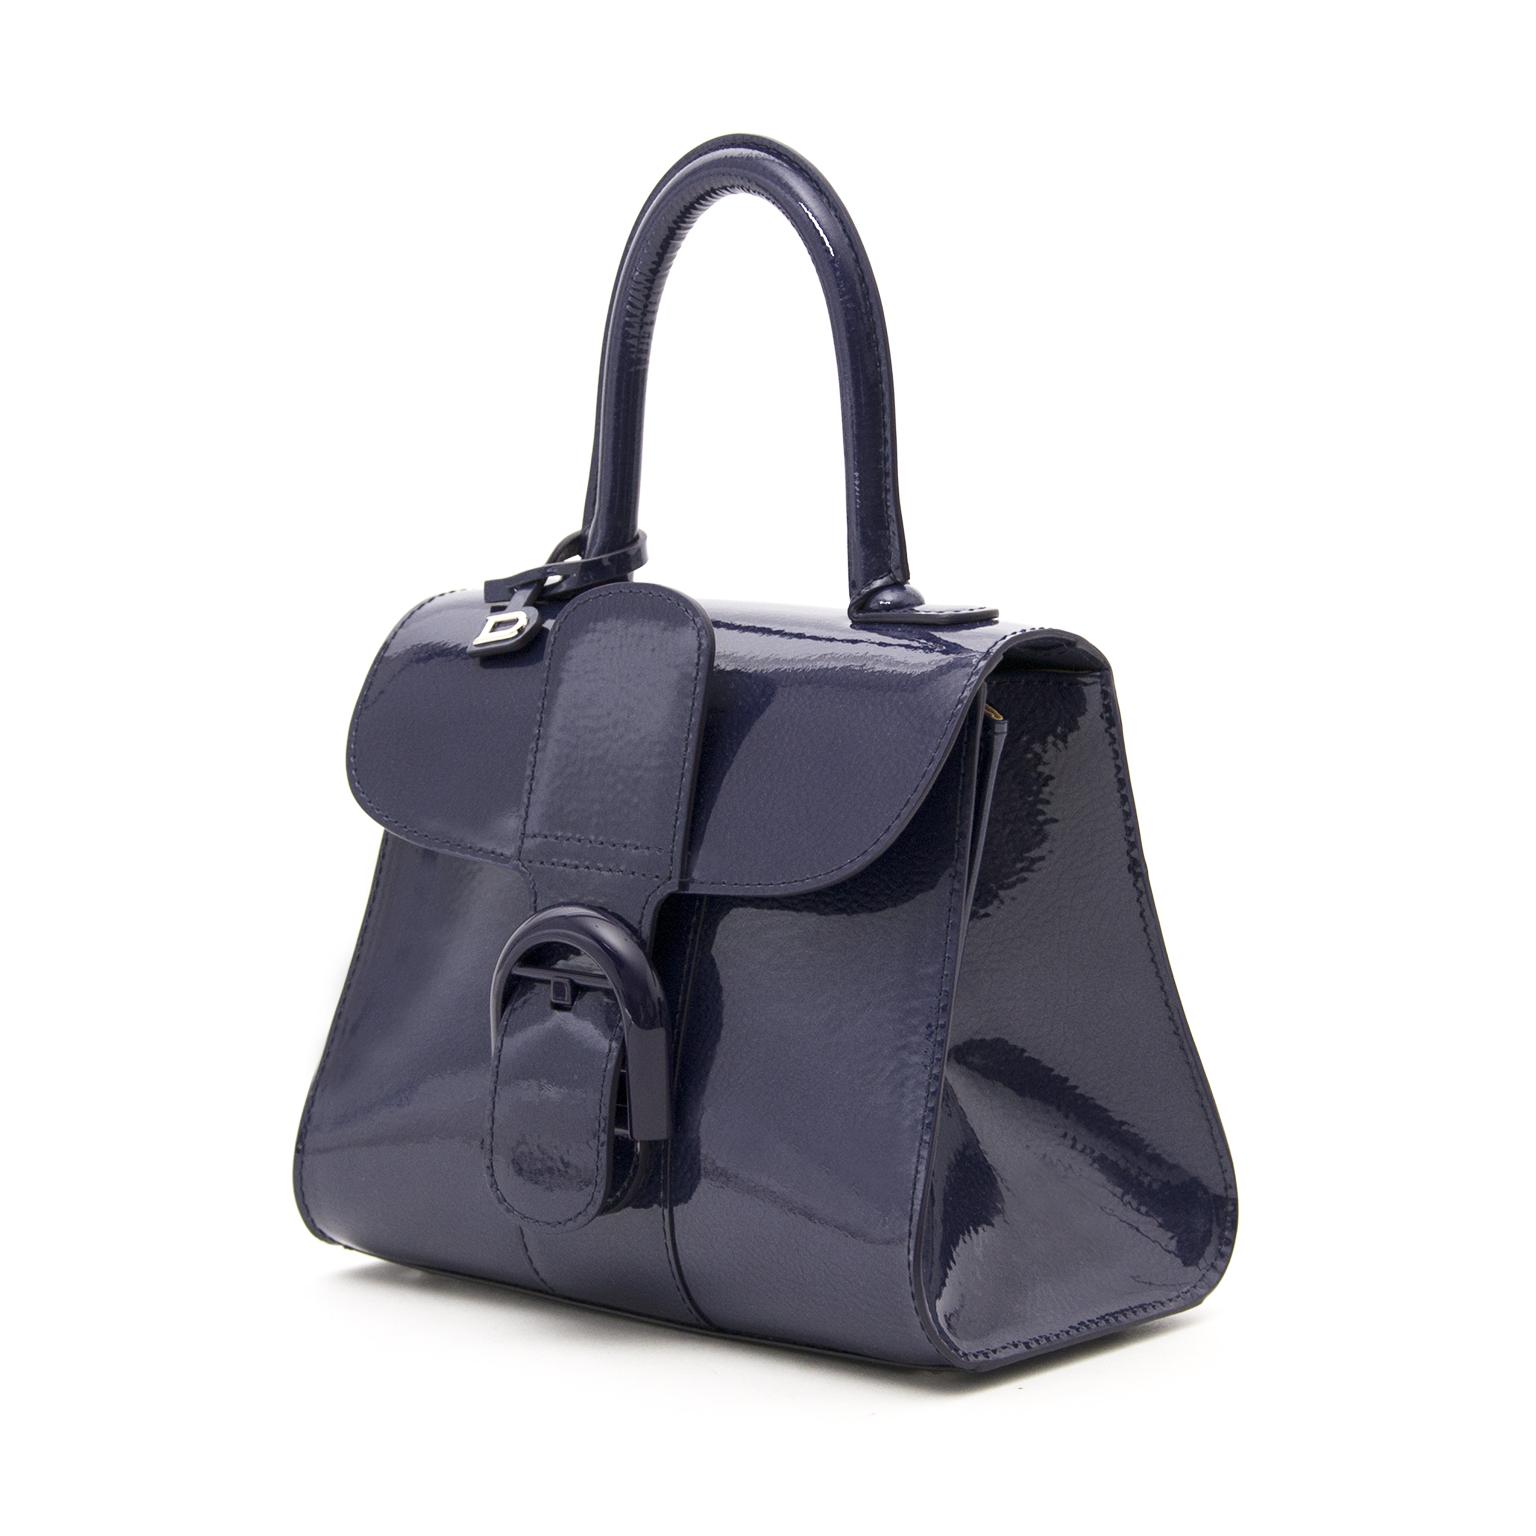 acheter en ligne chez labellov.com pour le meilleur prix brand new delvaux brillant mini vernis indigo